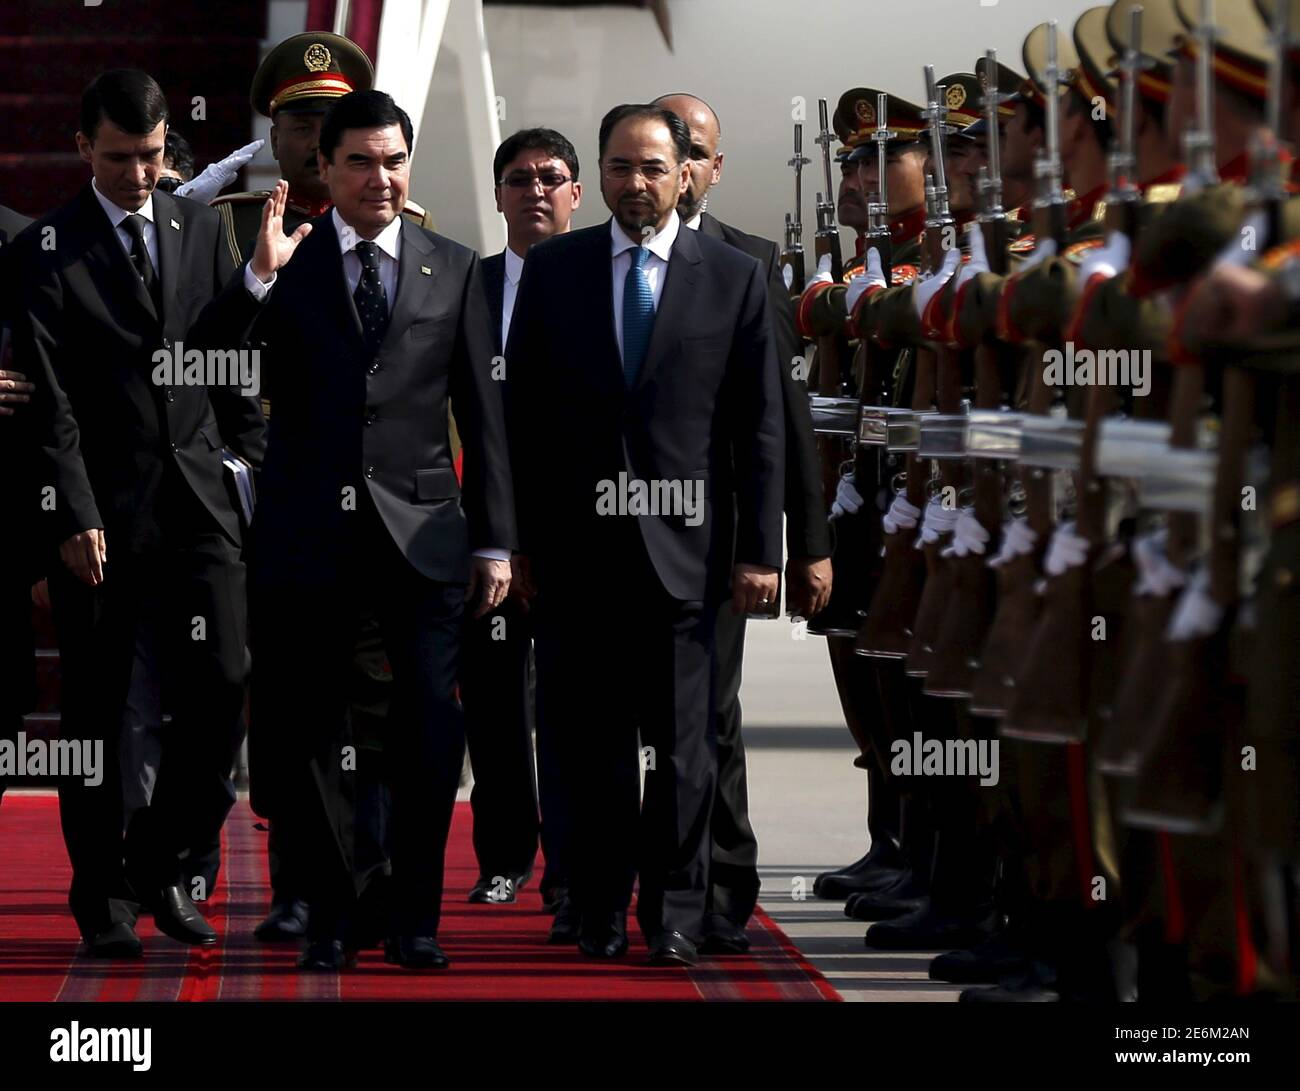 Le président du Turkménistan, Kurbaguly Berdymukhamedov (2e L), et le ministre afghan des Affaires étrangères, Salahuddin Rabbani (R), marchent lors d'une cérémonie d'arrivée à l'aéroport international Hamid Karzaï de Kaboul, en Afghanistan, le 27 août 2015. REUTERS/Mohammad Ismail Banque D'Images